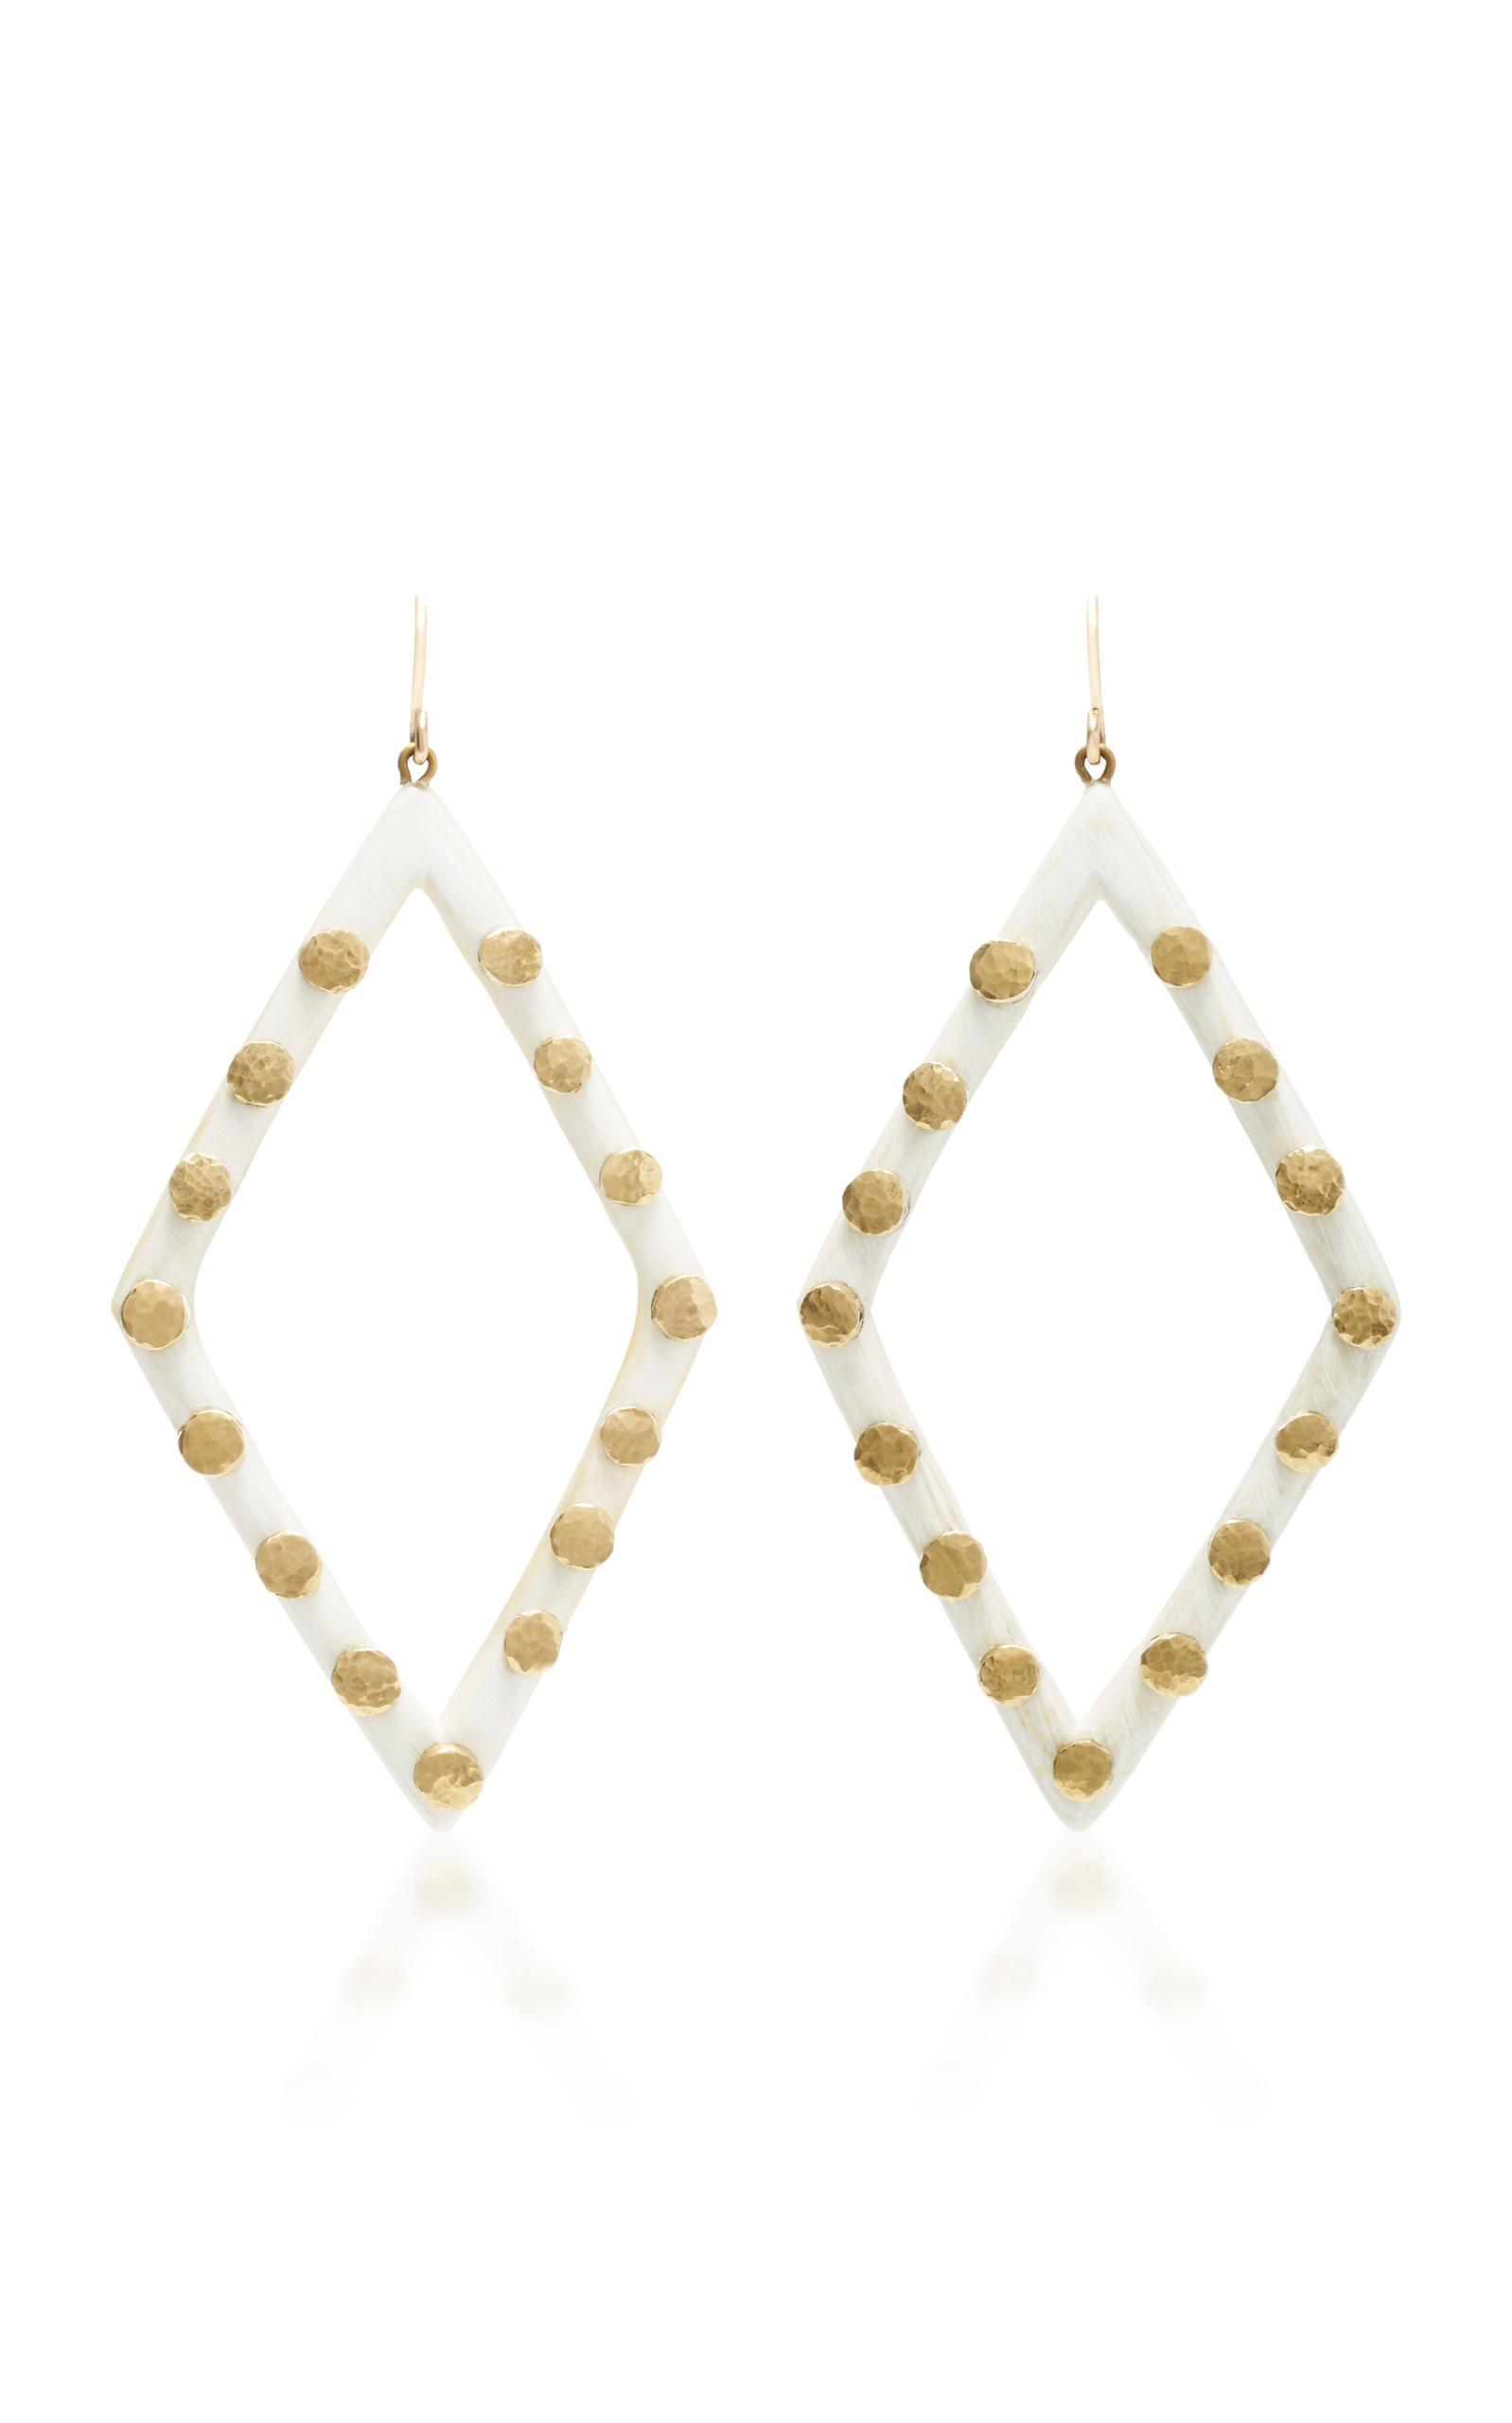 Radi Horn and Bronze Earrings Ashley Pittman AzseQjAs